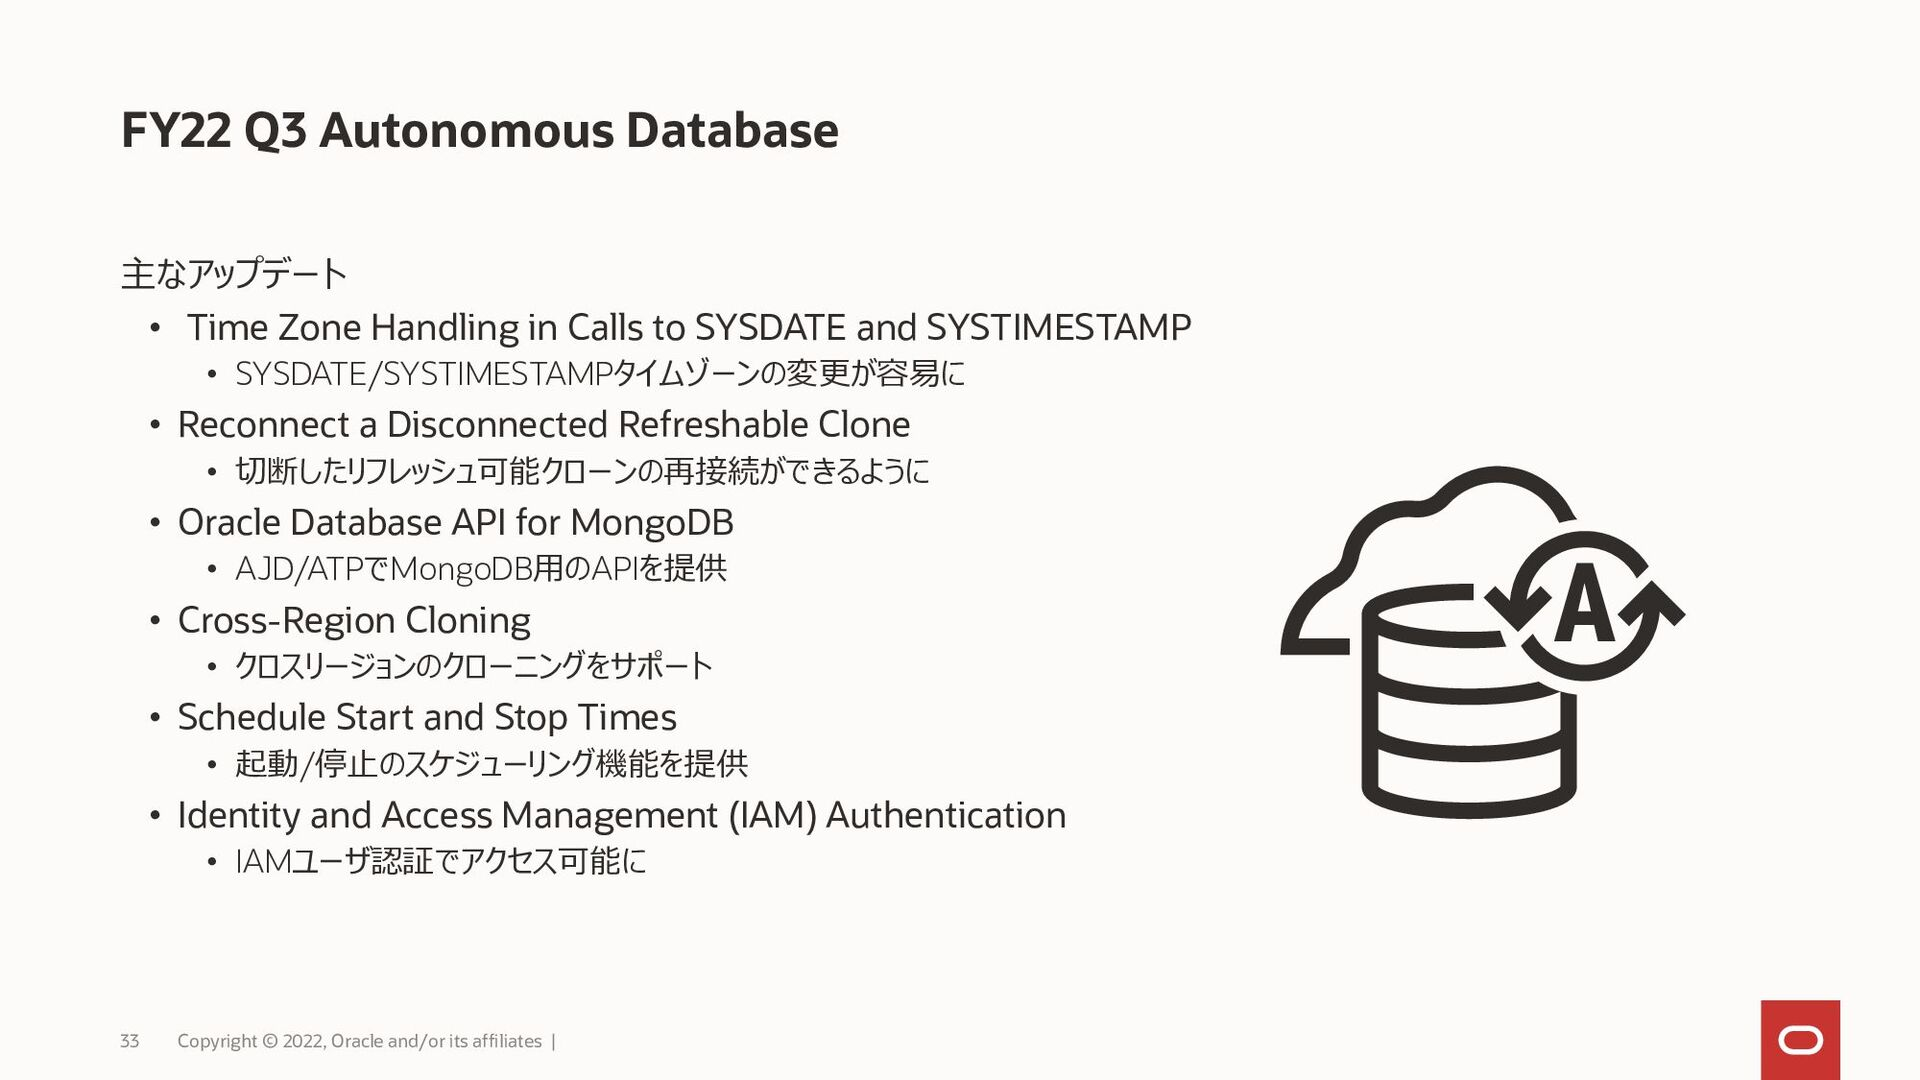 Autonomous Dedicated - Autonomous Data Guard 構成...